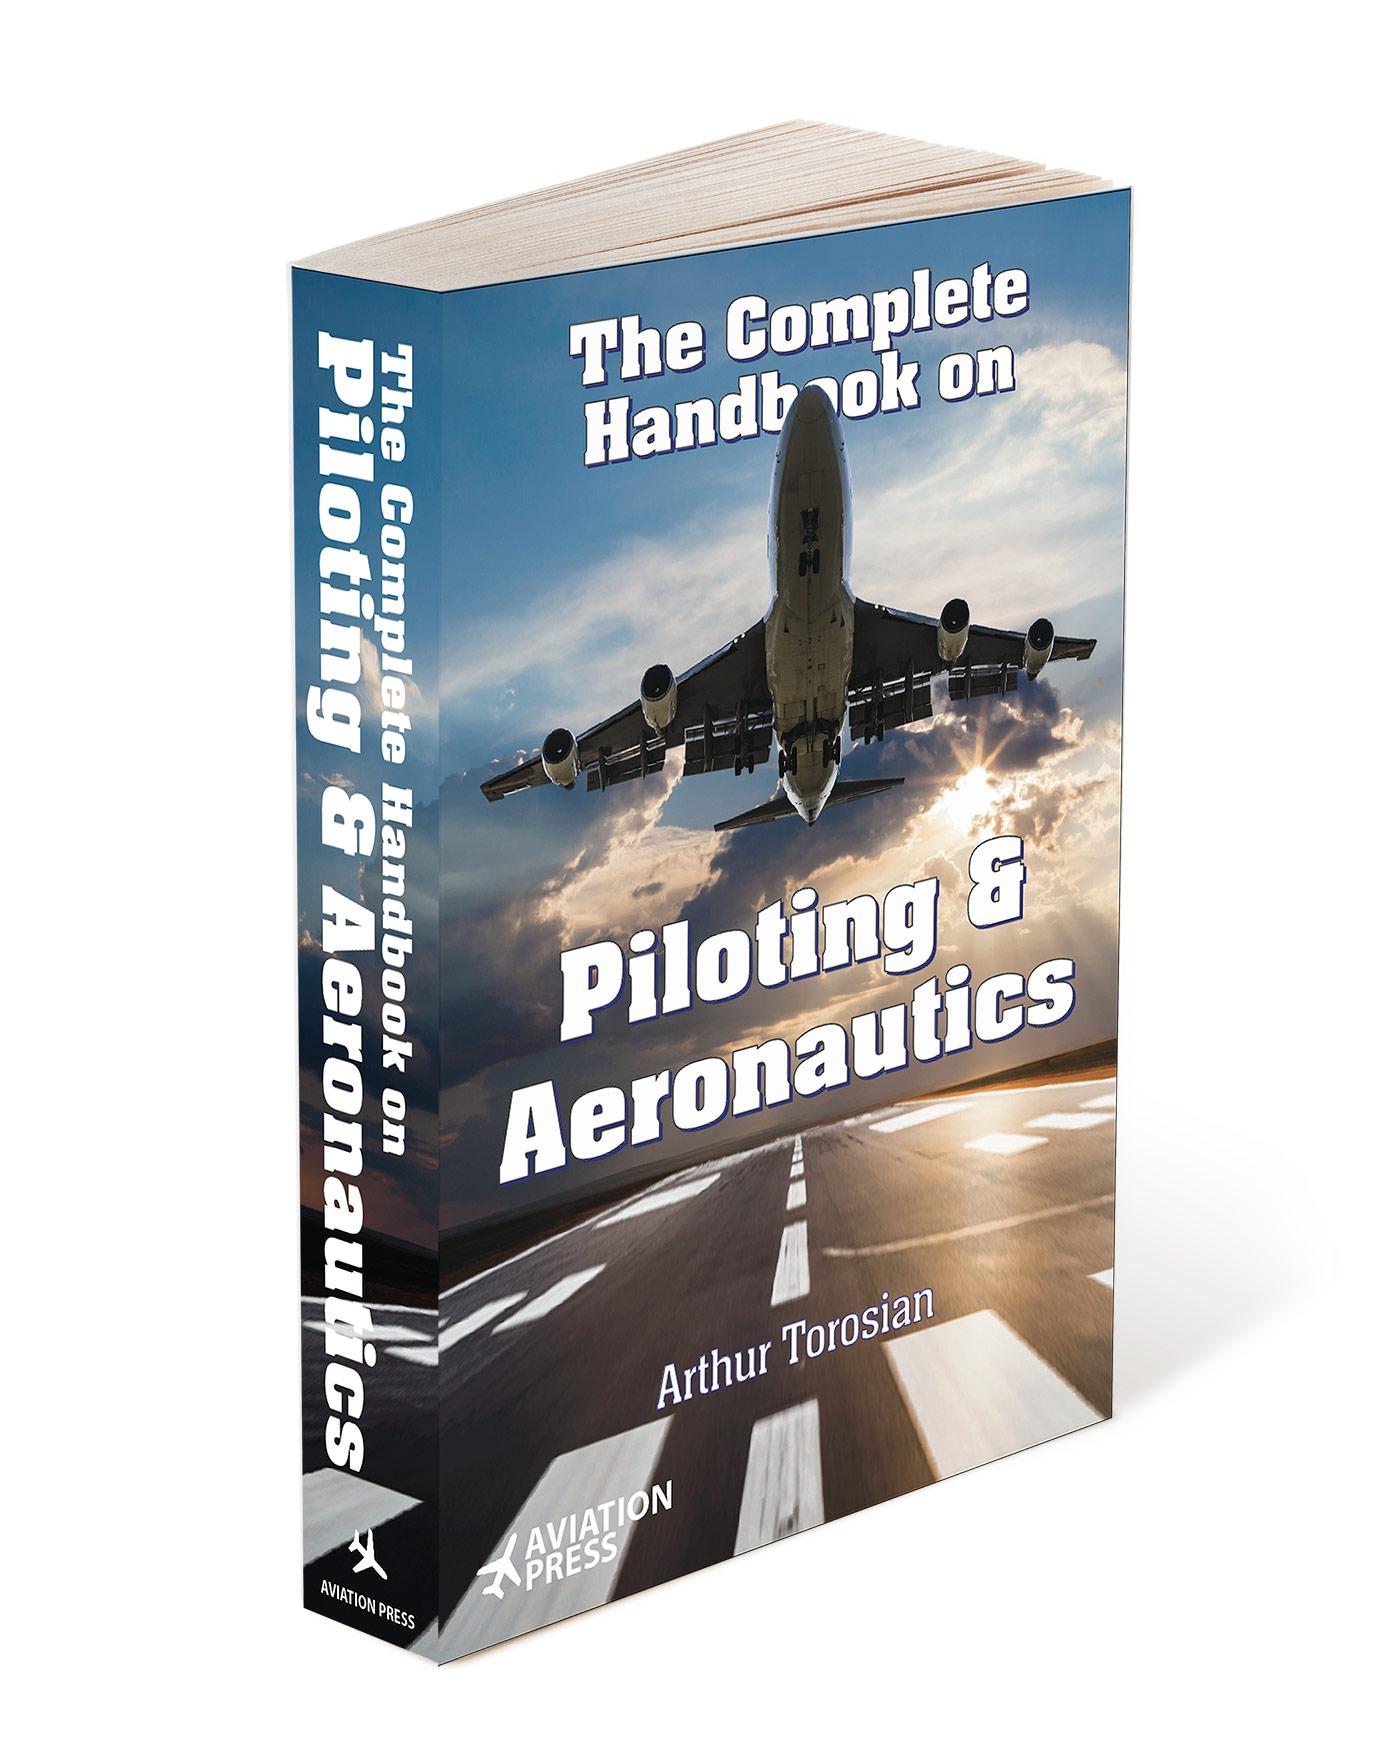 PilotingandAeronautics.jpg